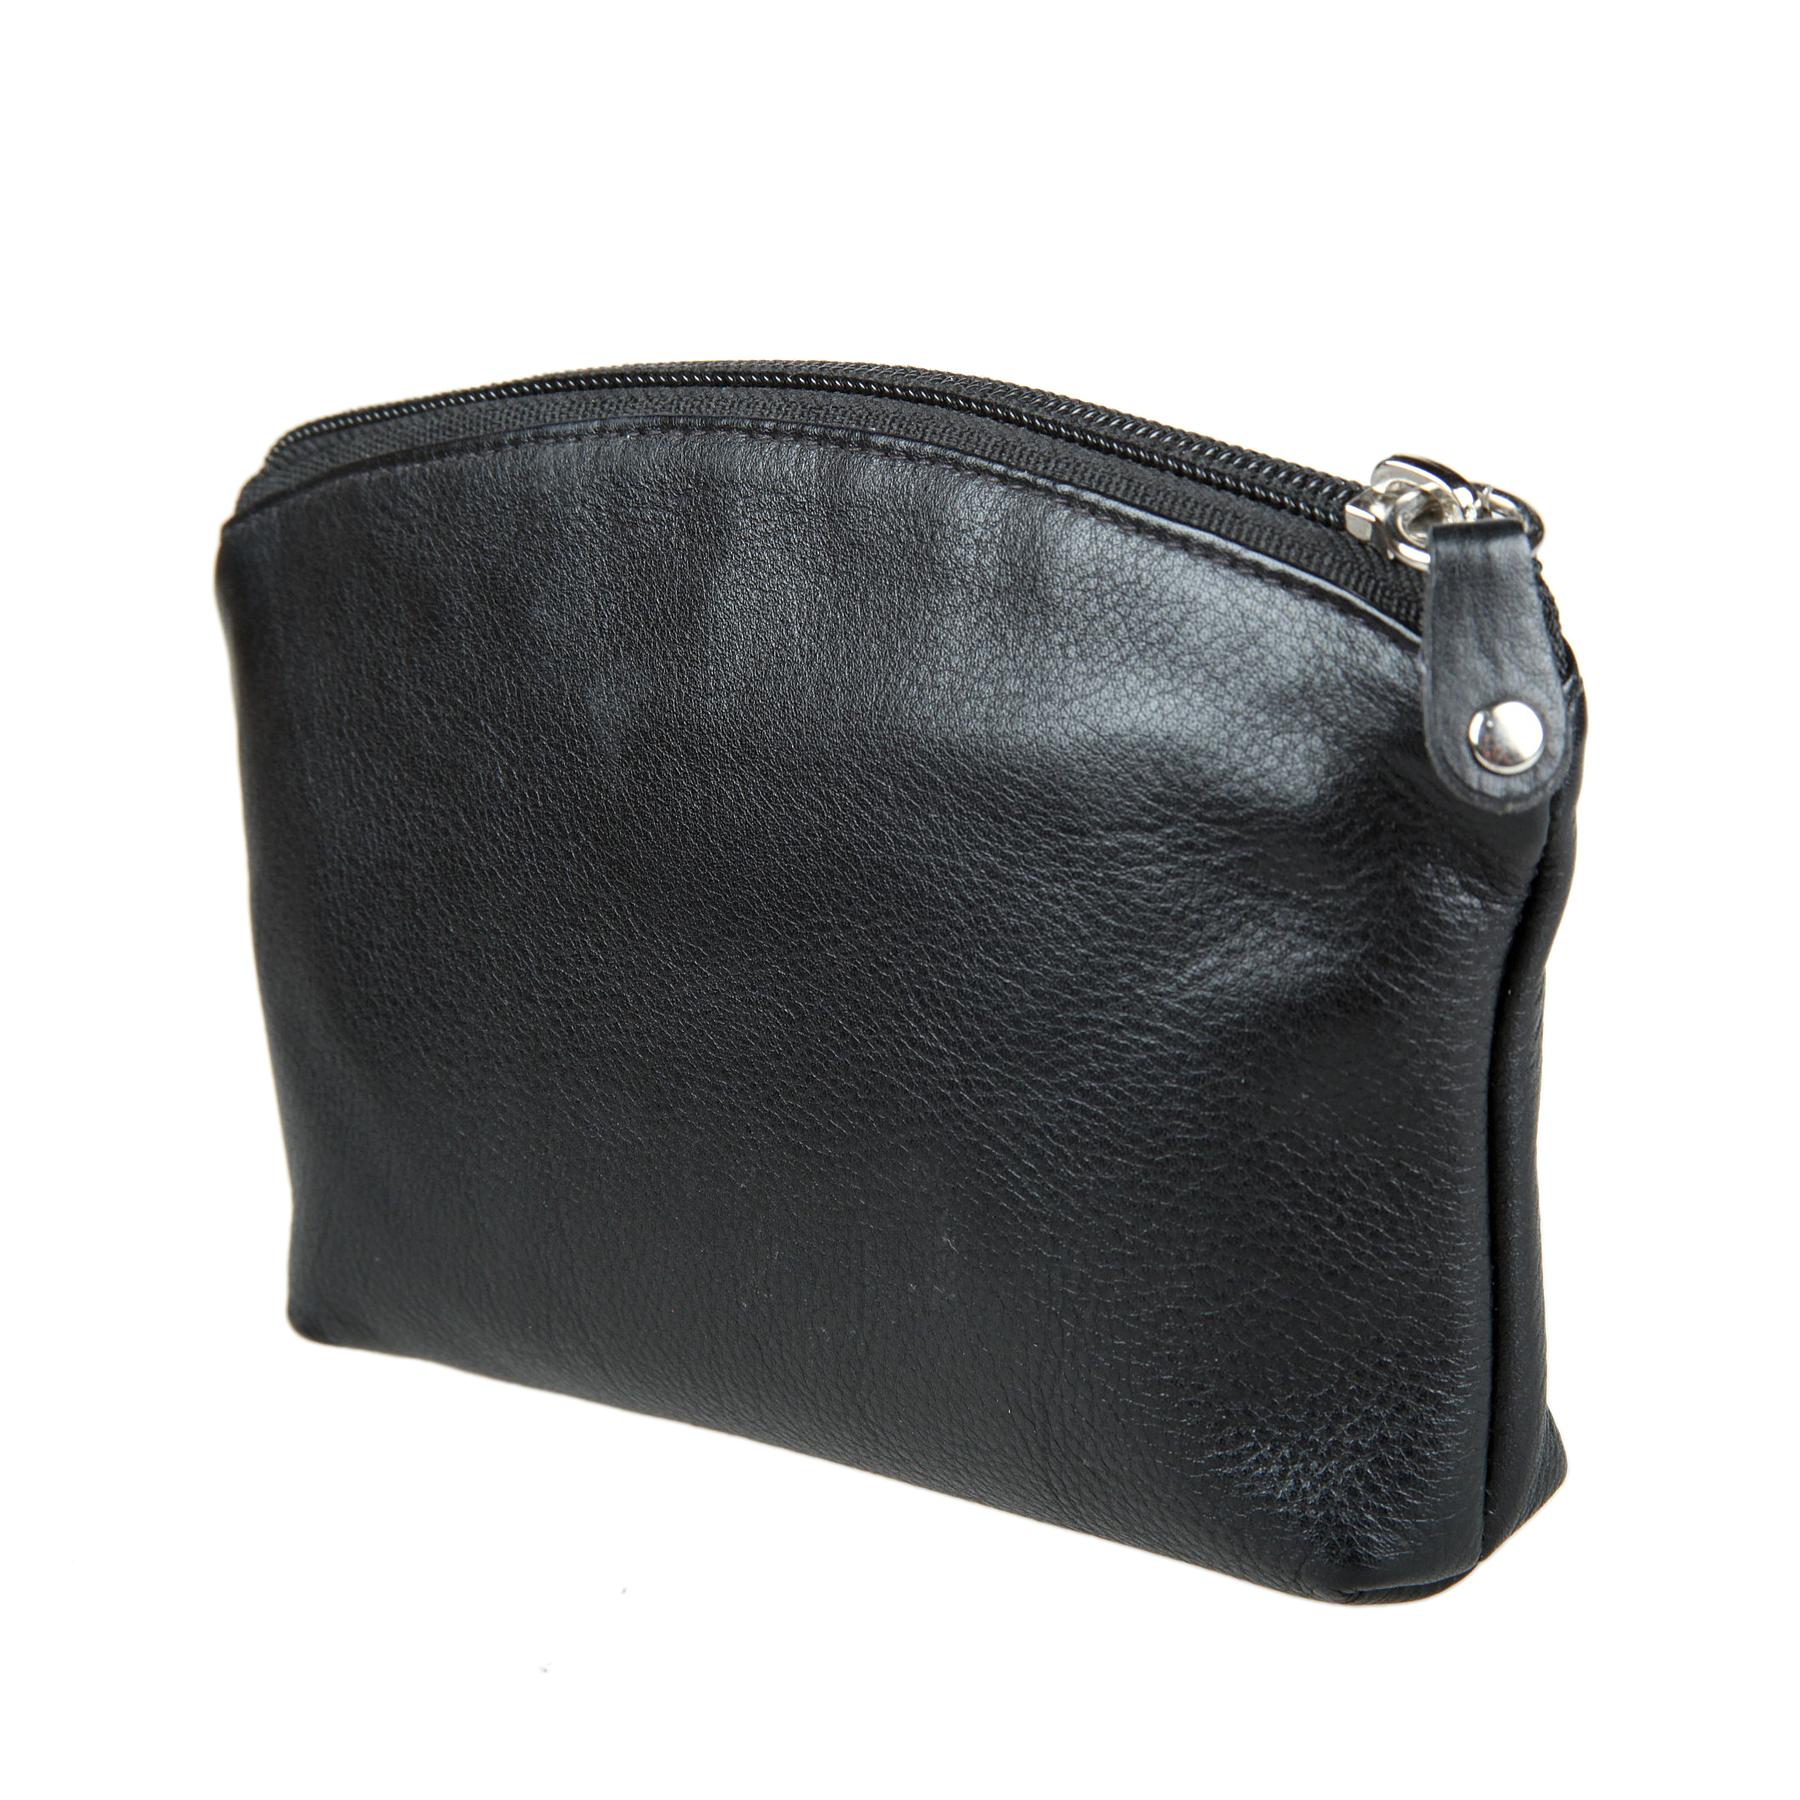 Косметичка женская Bodenschatz, цвет: черный. 8-624 black8-624 blackЗакрывается на молнию, внутри один большой отдел для косметики, один кармашек для мелких предметов.